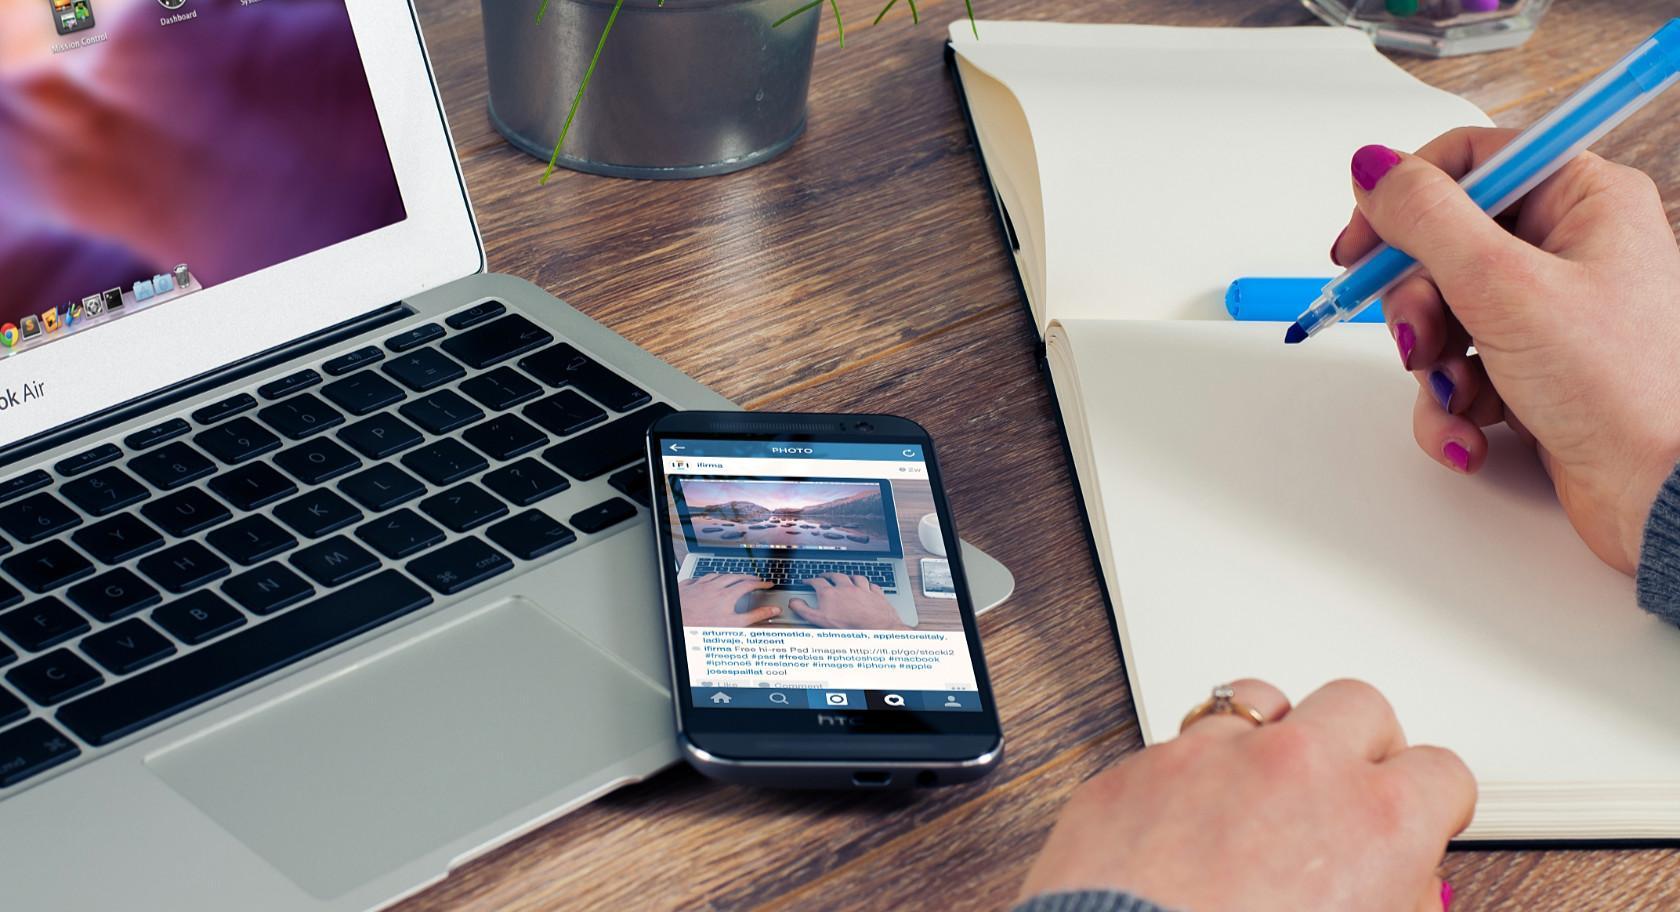 Las técnicas de investigación de escritorio son parte de la investigación del usuario